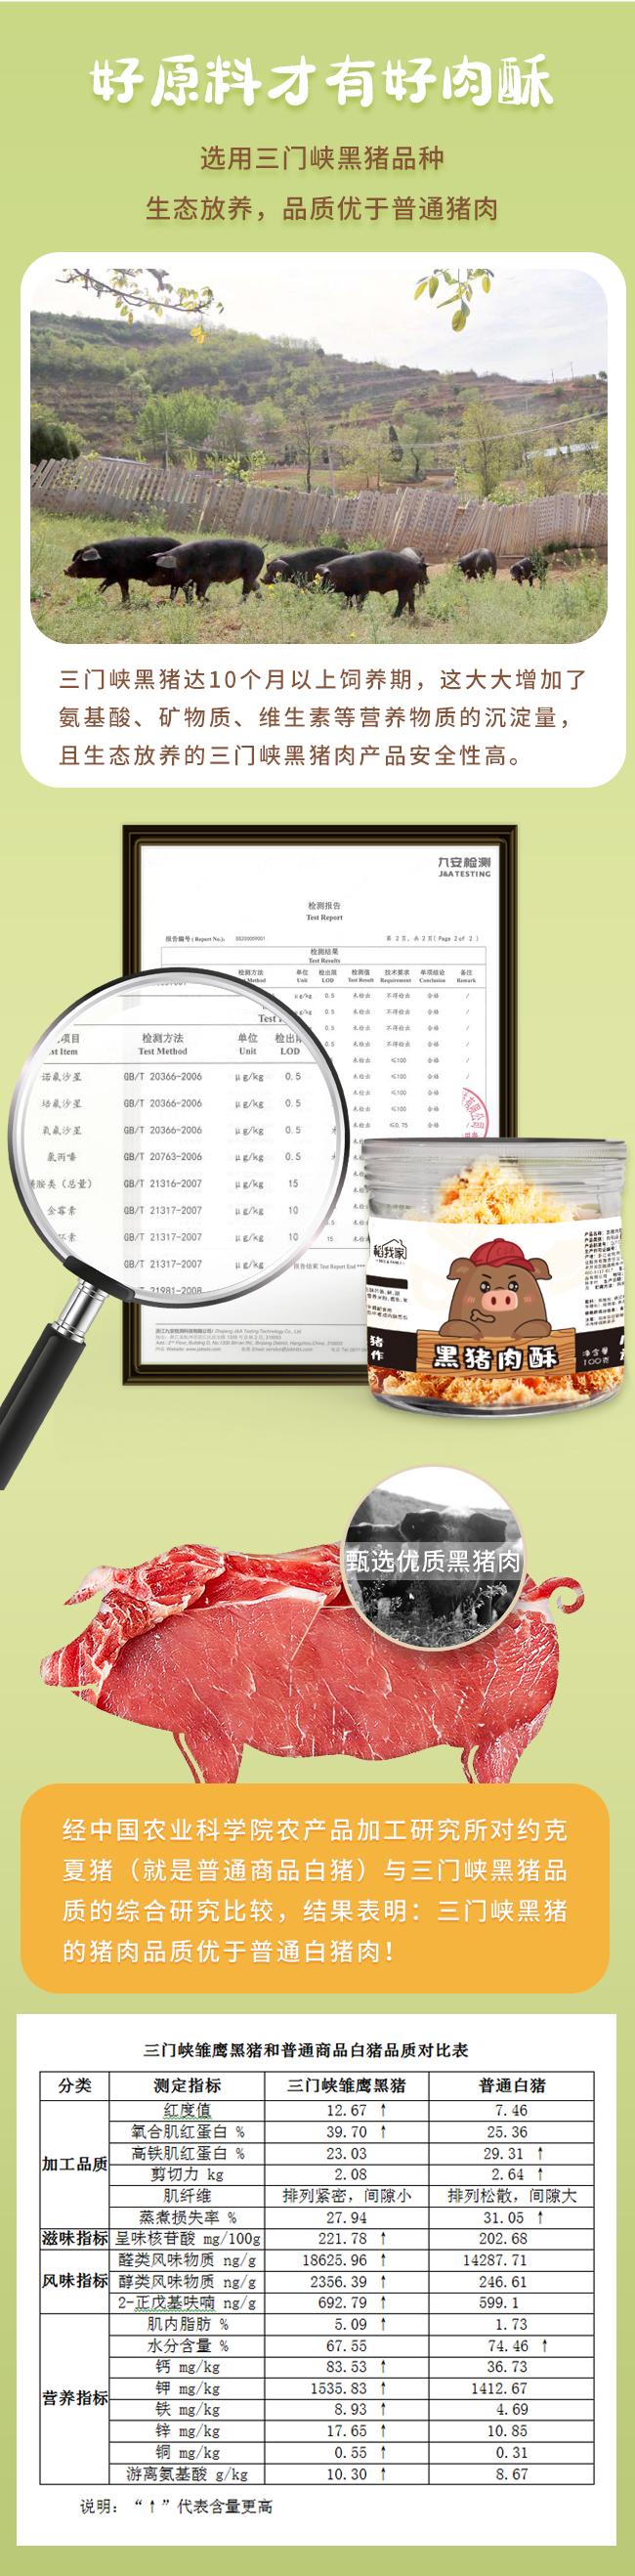 黑猪肉酥-儿童吃的放心肉酥